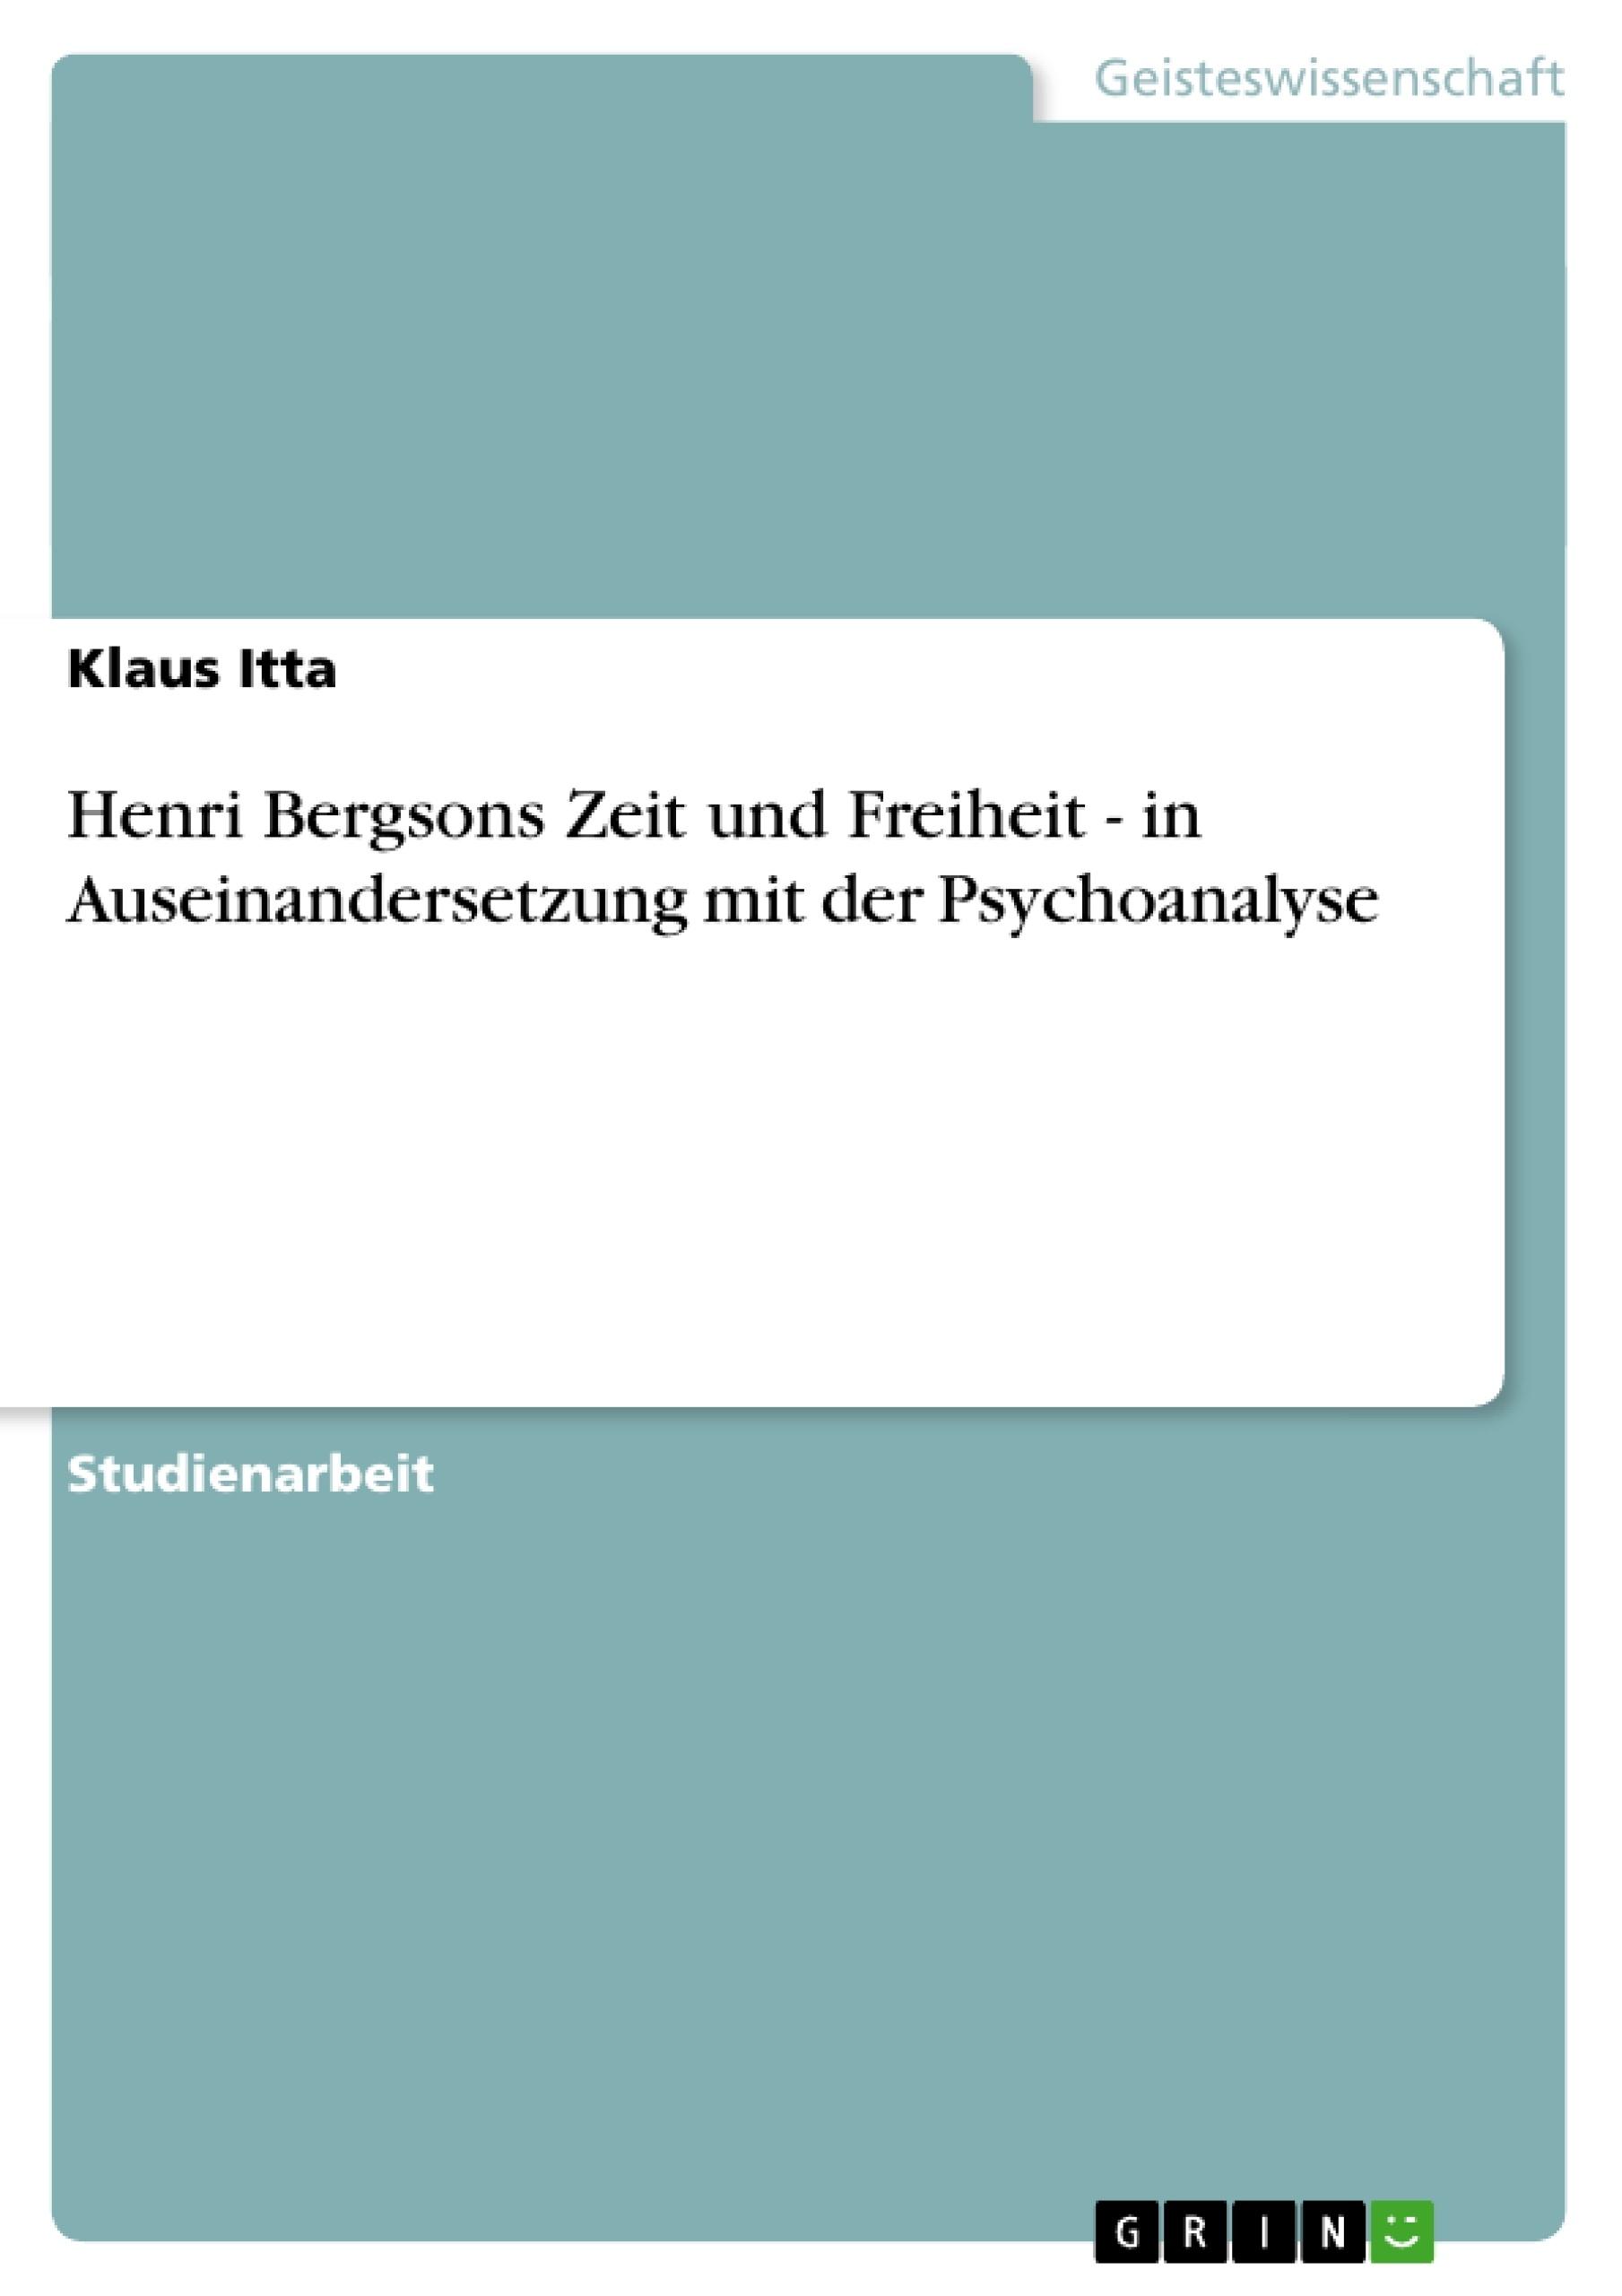 Titel: Henri Bergsons Zeit  und Freiheit - in Auseinandersetzung mit der Psychoanalyse